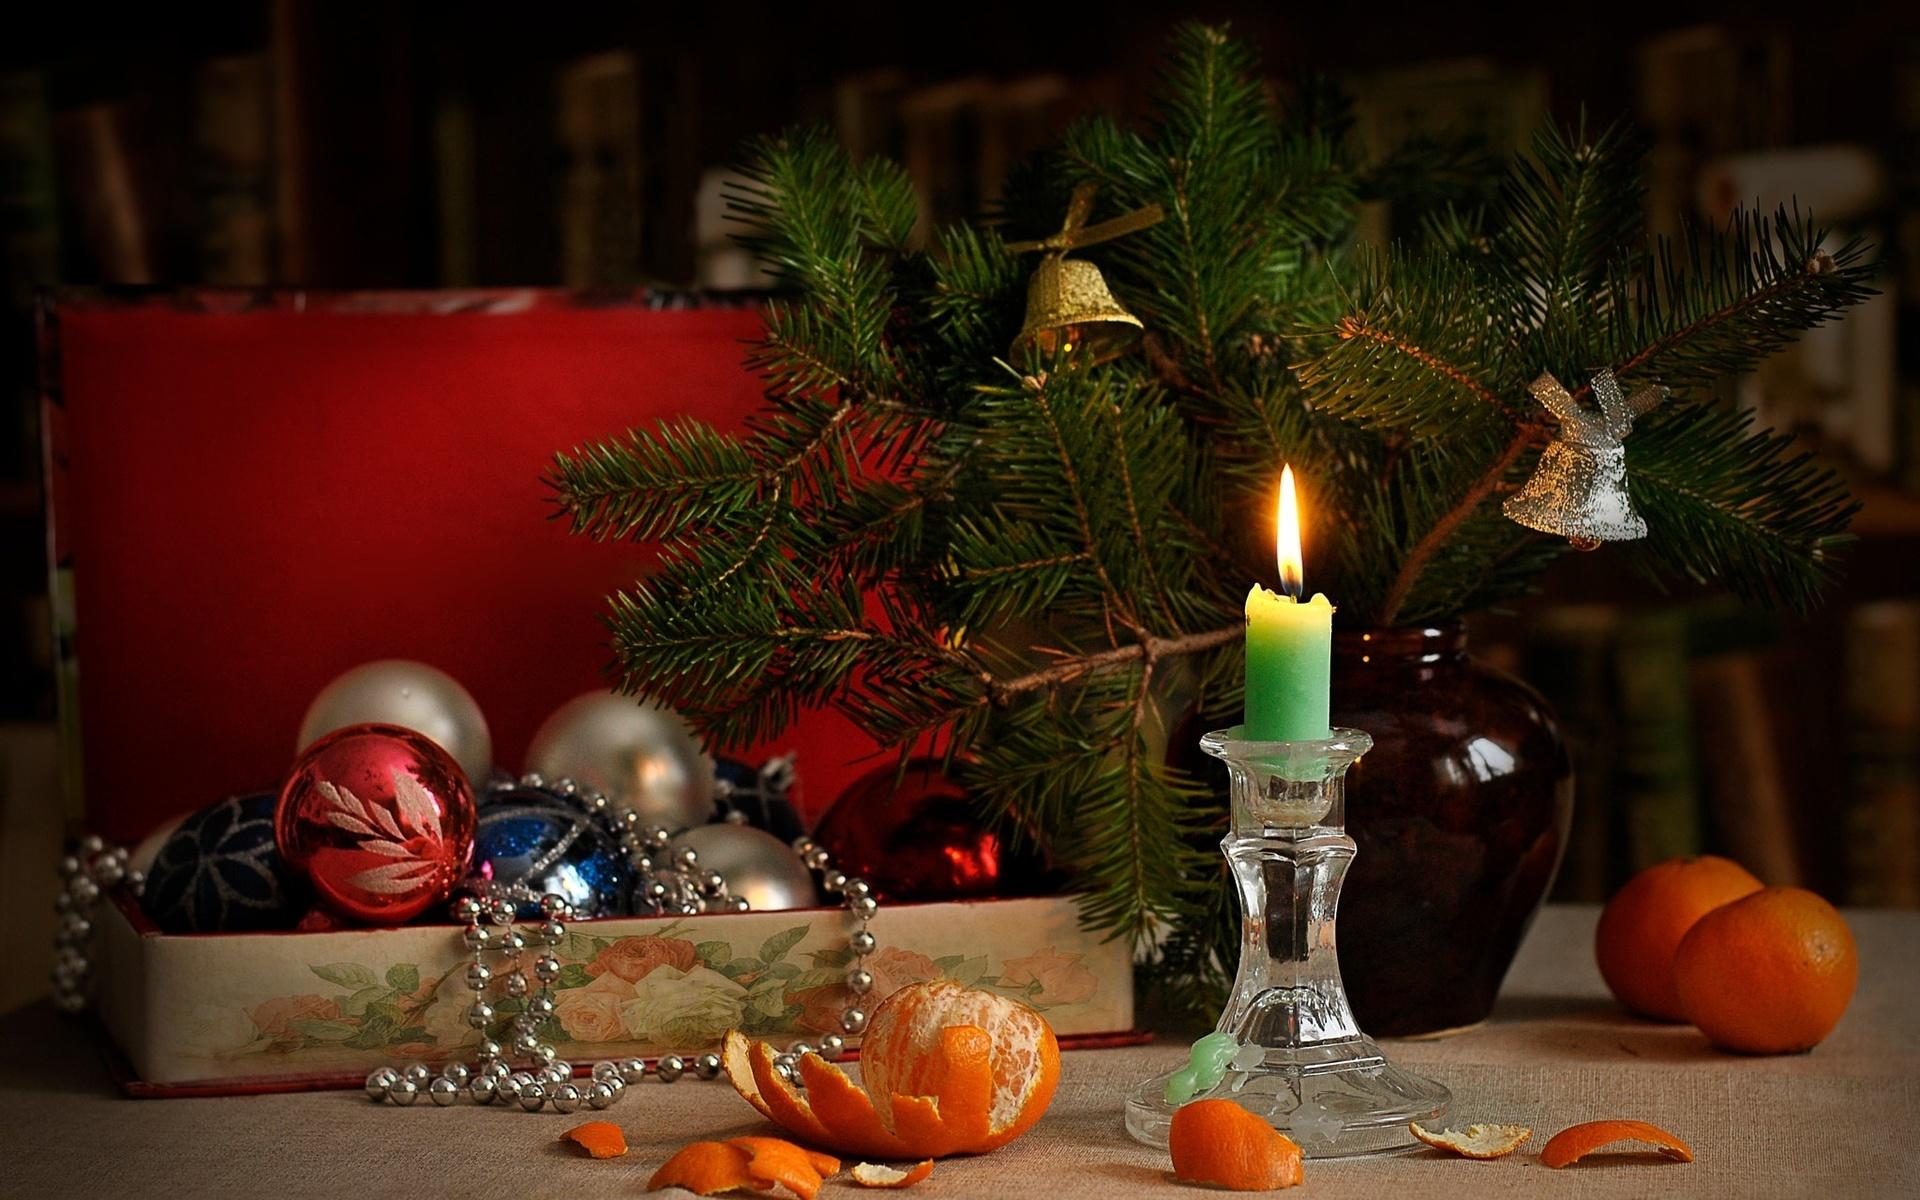 Новогодние картинки свеча с игрушками, будет